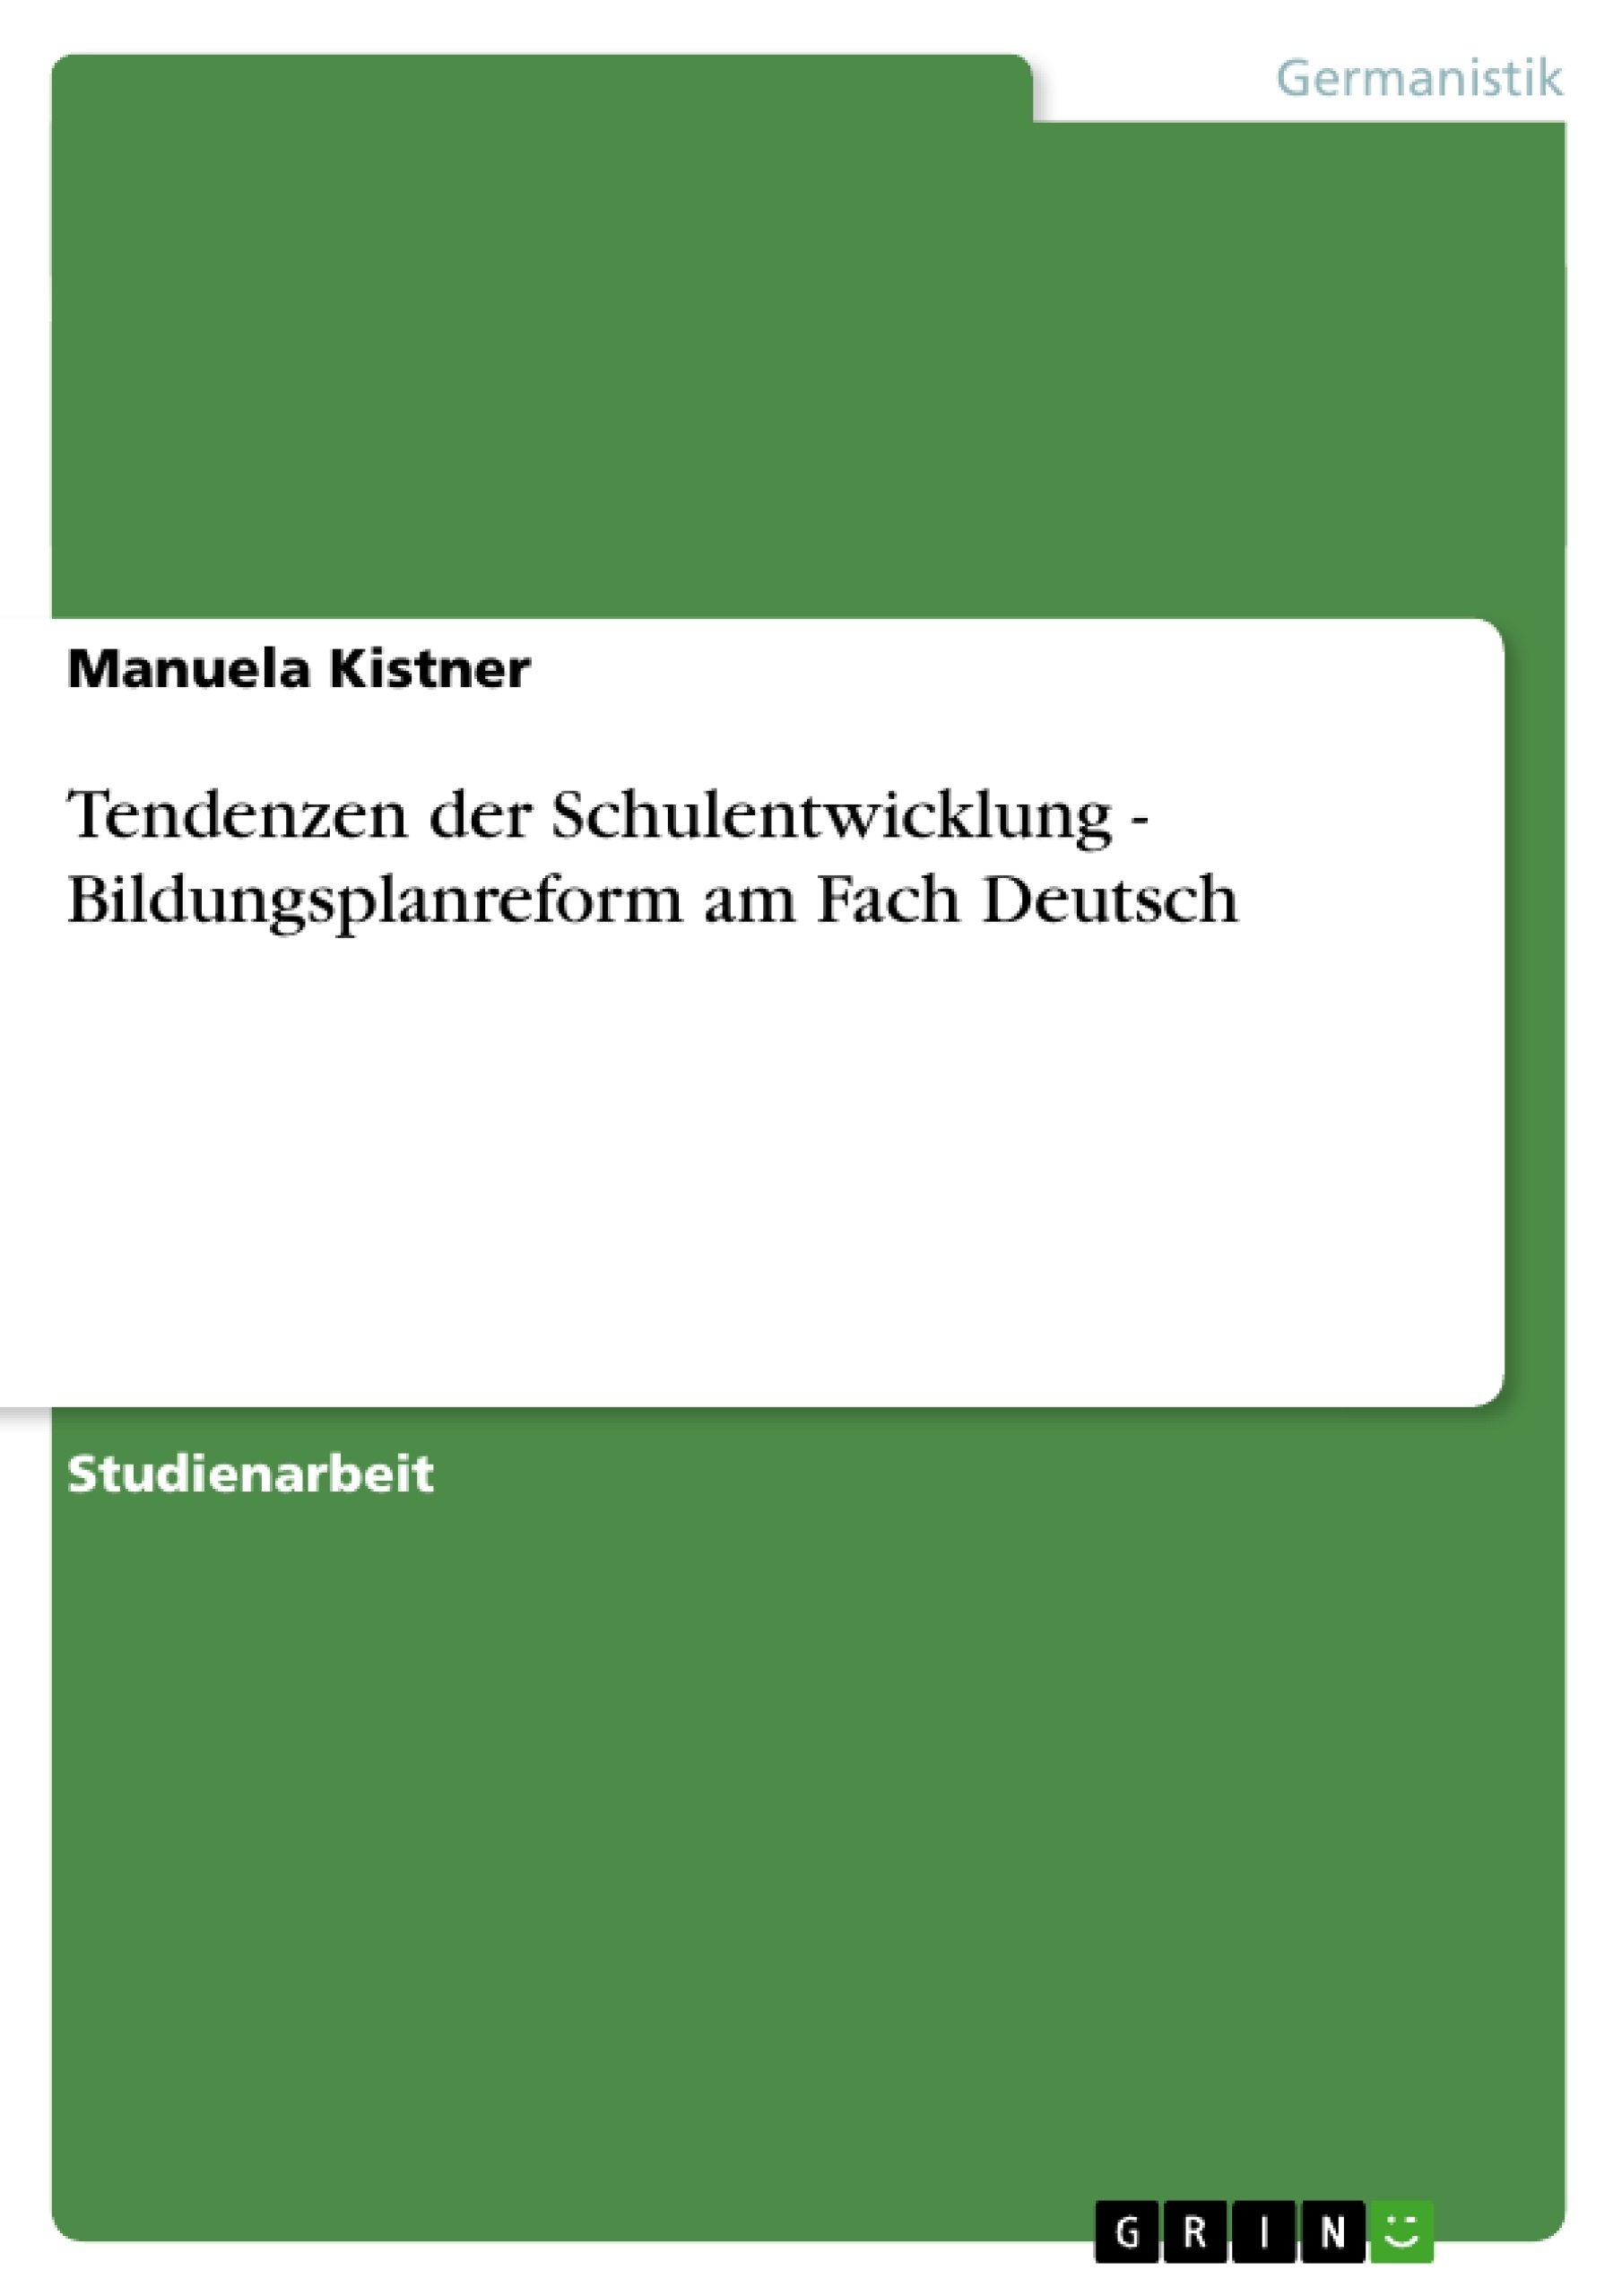 Titel: Tendenzen der Schulentwicklung - Bildungsplanreform am Fach Deutsch